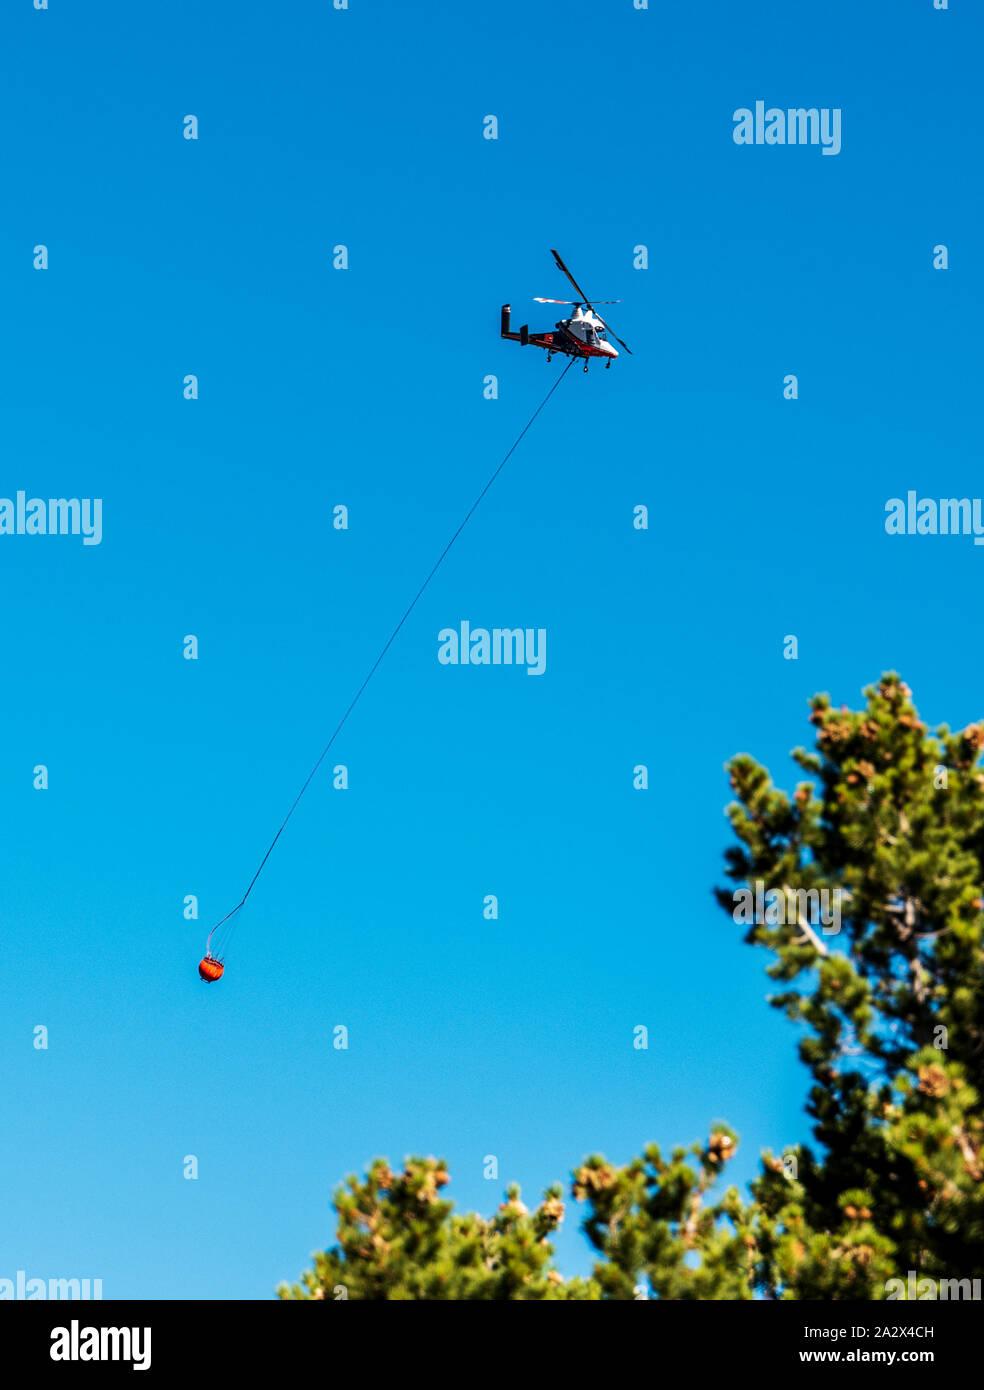 Kaman K-MAX; K-1200; el helicóptero con rotores intercalados; synchropter; llevar agua para la lucha contra los incendios forestales Decker, cerca de la salida, Colorado, EE.UU. Foto de stock